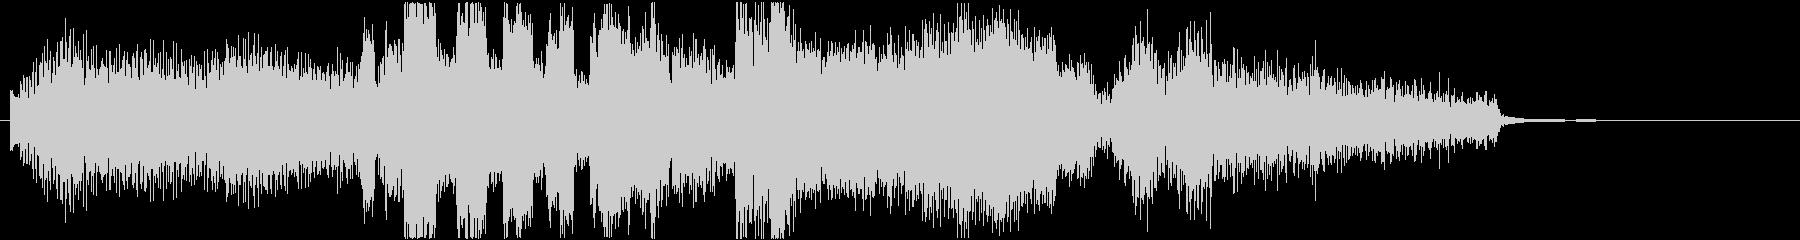 サックスとエレピの大人のジングル12秒の未再生の波形